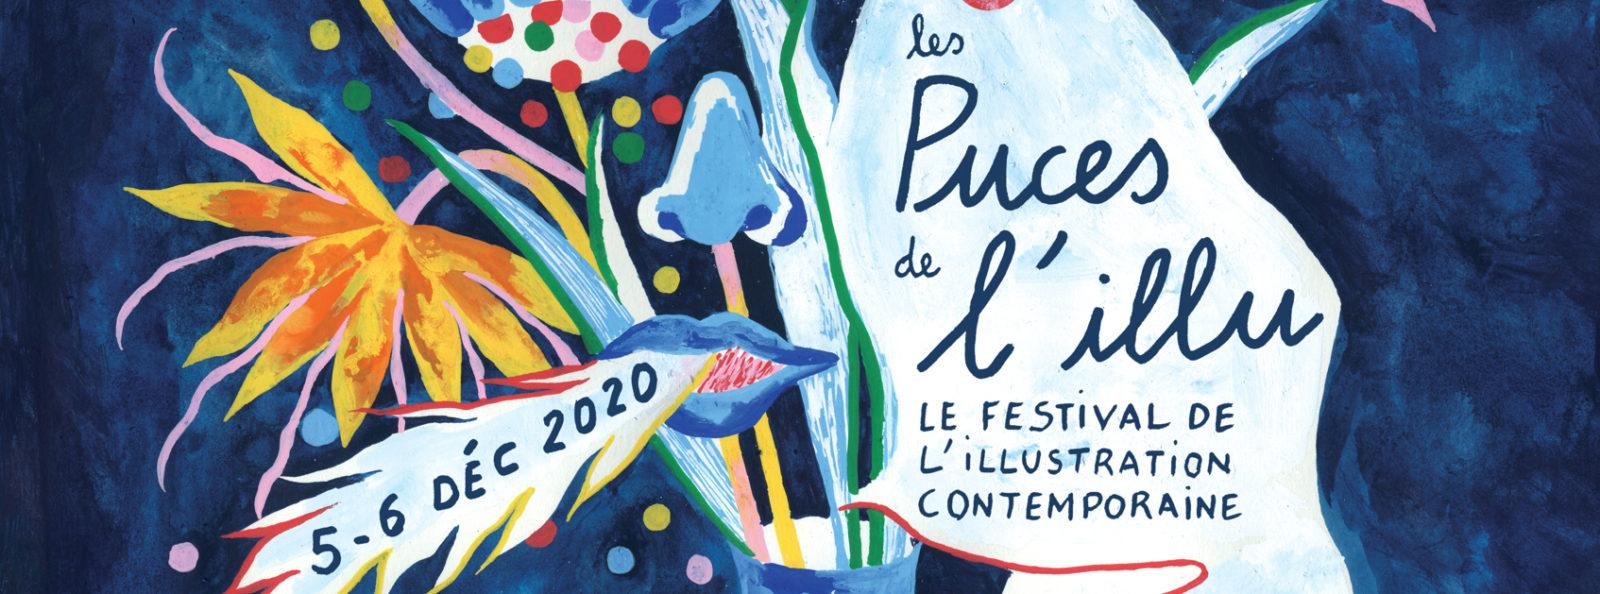 Festival : Les Puces de l'Illu #8